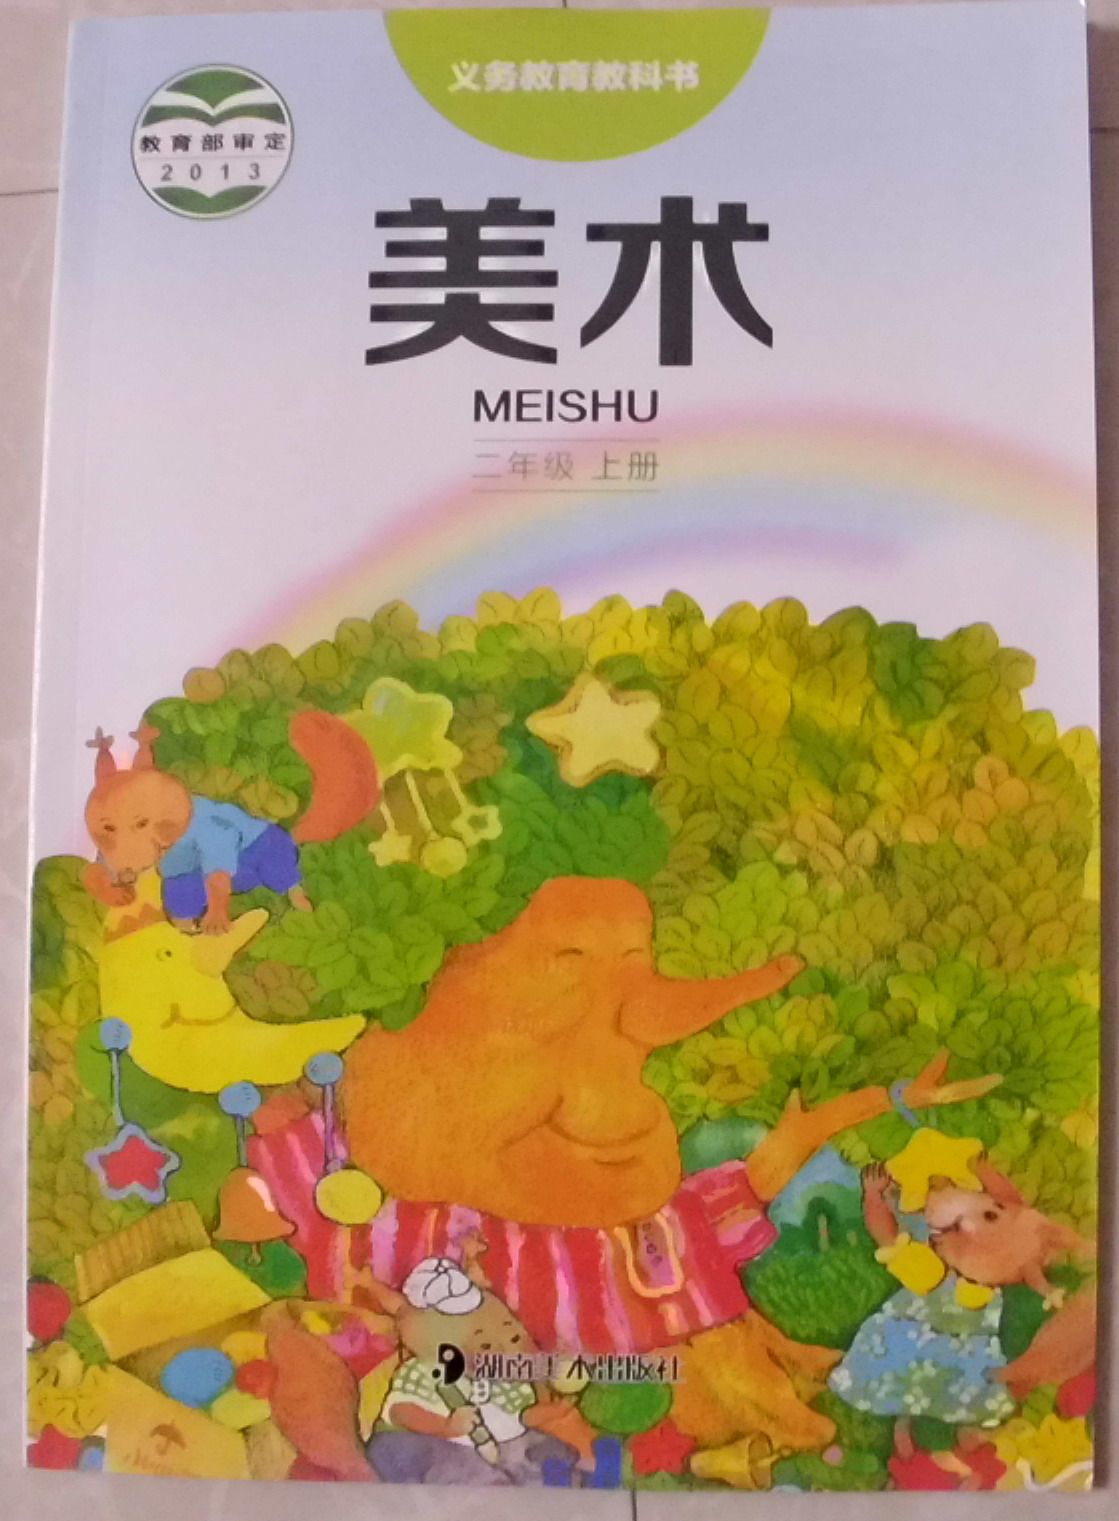 2014湘教版湖南美术出版社小学2二年级上册美术书图片